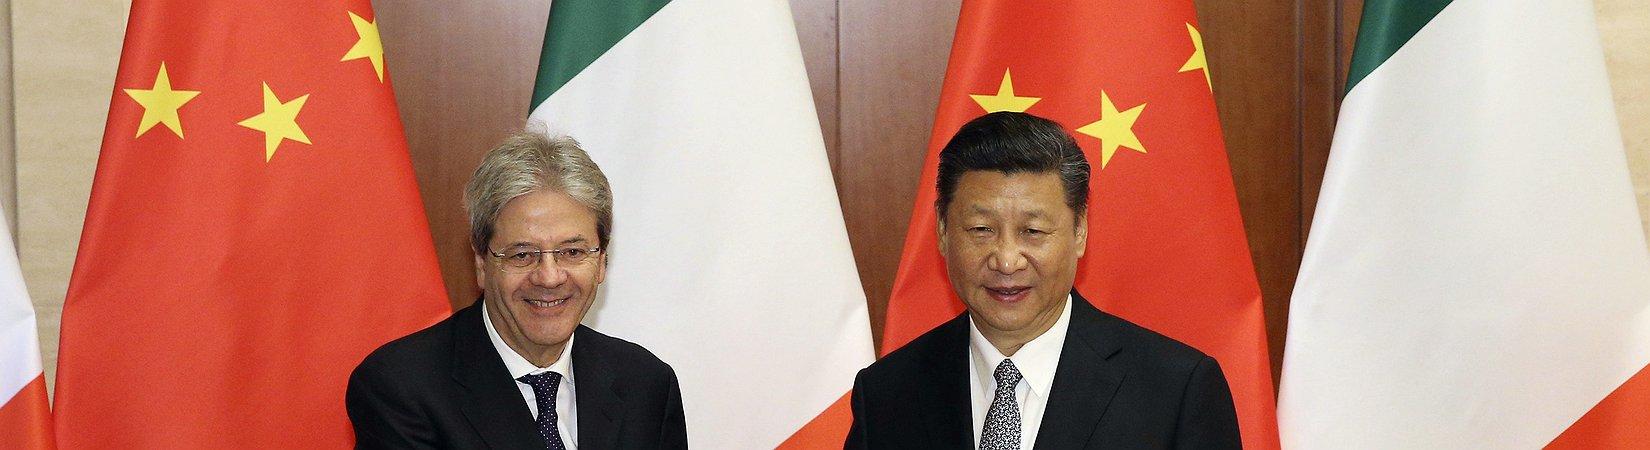 Italia e Cina creano un fondo da 100 milioni di euro per piccole e medie imprese